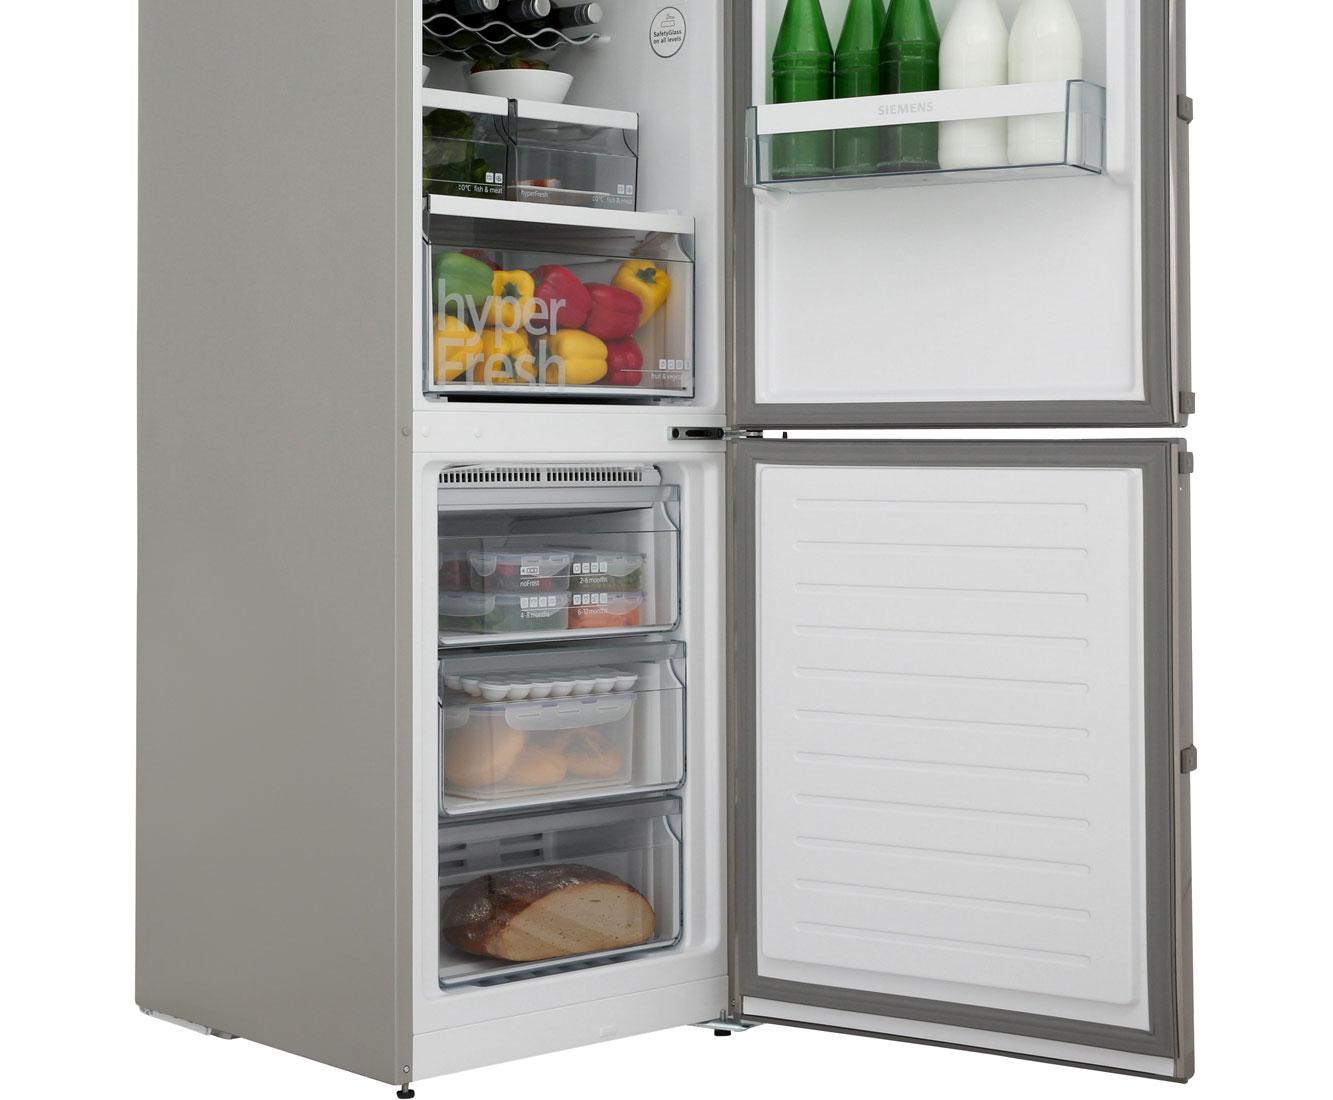 Siemens Kühlschrank Nach Abtauen Alarm : Siemens kühlschrank nach abtauen alarm kühlschrank kühlt nicht